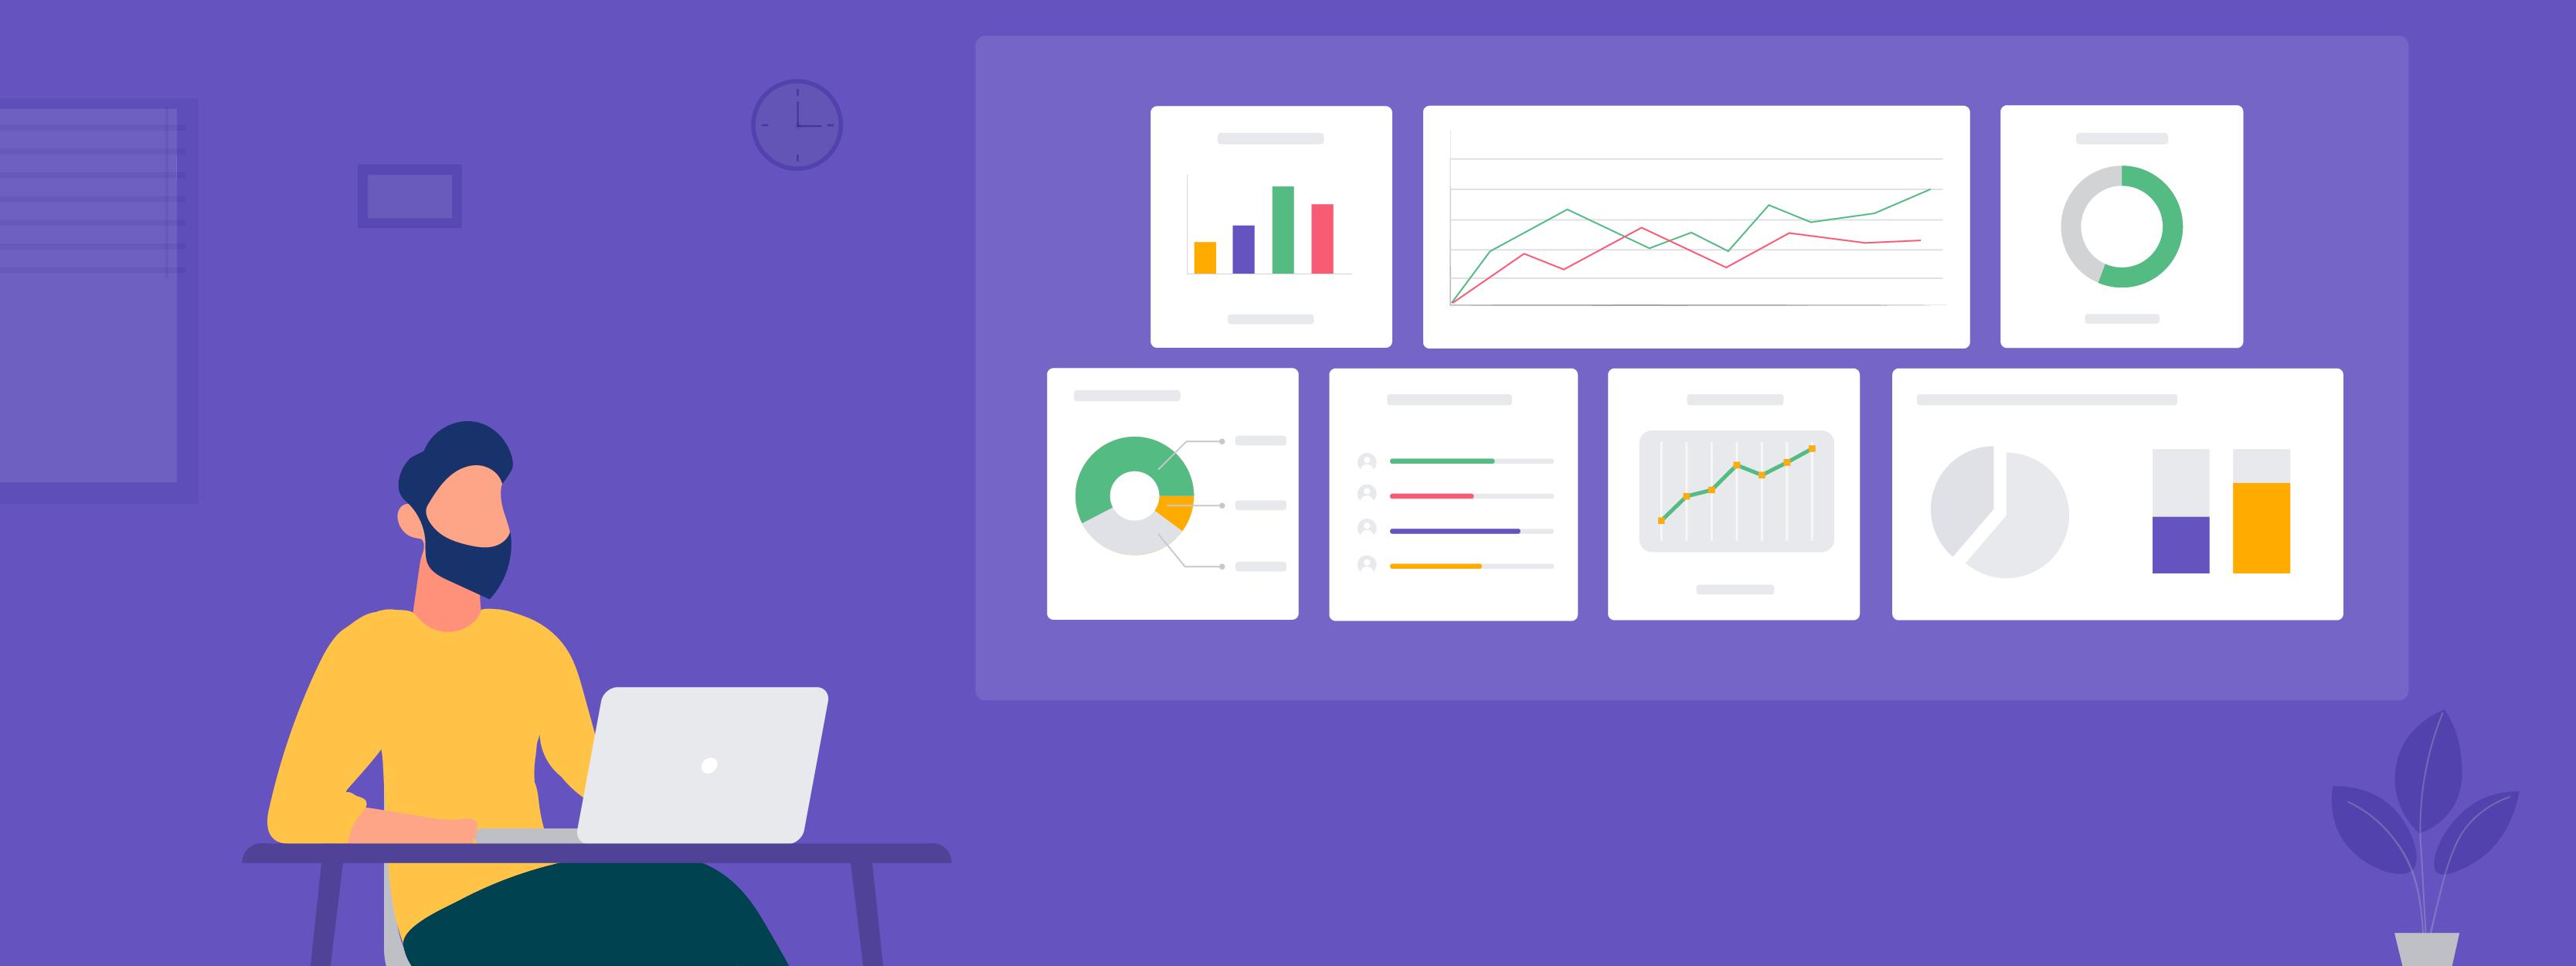 Blog - AB Testing in sales